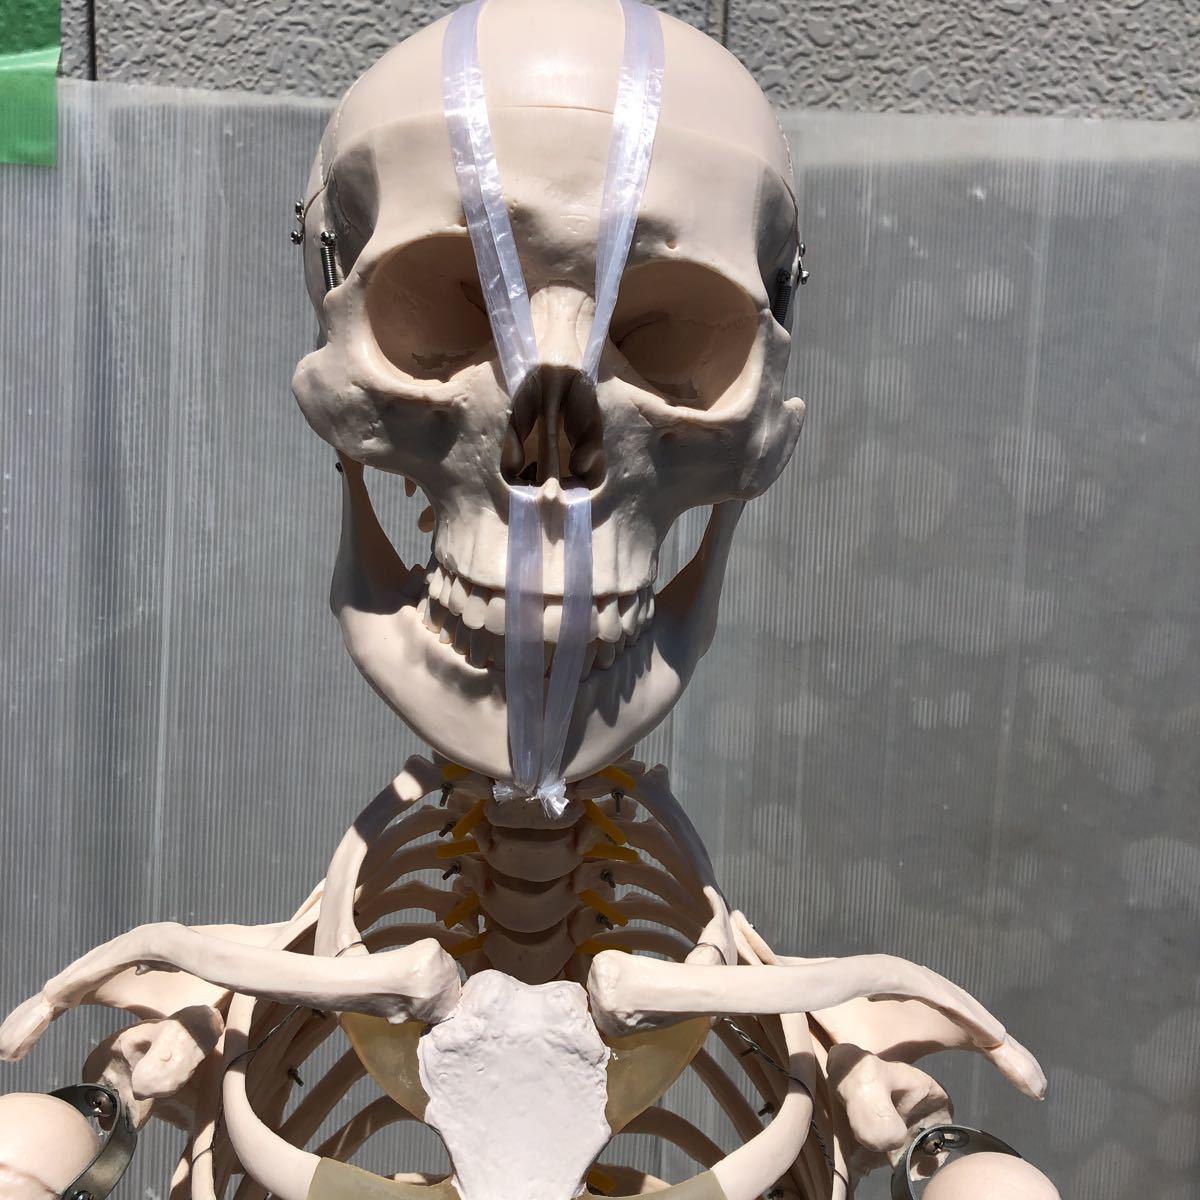 【美品】人体模型 骨格模型 骨格標本 等身大 ヒューマンスカル ガイコツ スカル 約165cm 医学 実験 骸骨 ジャンク 直接取引可能(矢199)_画像2